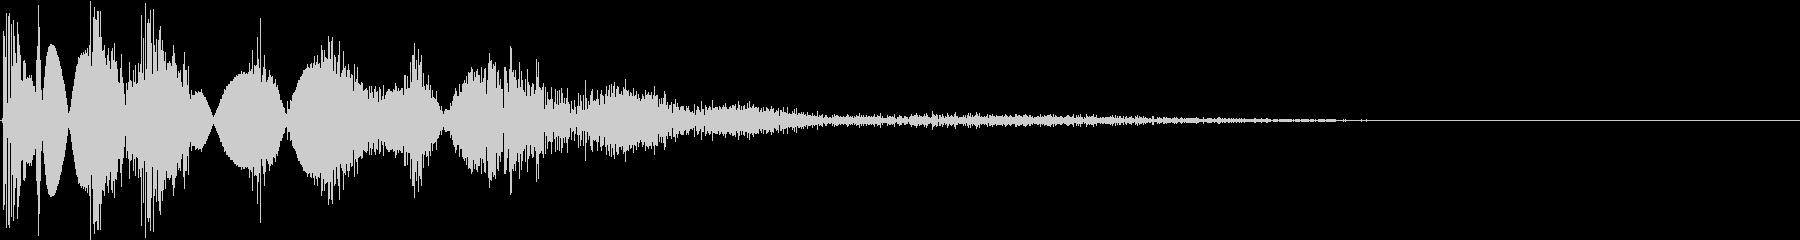 KAKUGE 格闘ゲーム戦闘音 29の未再生の波形